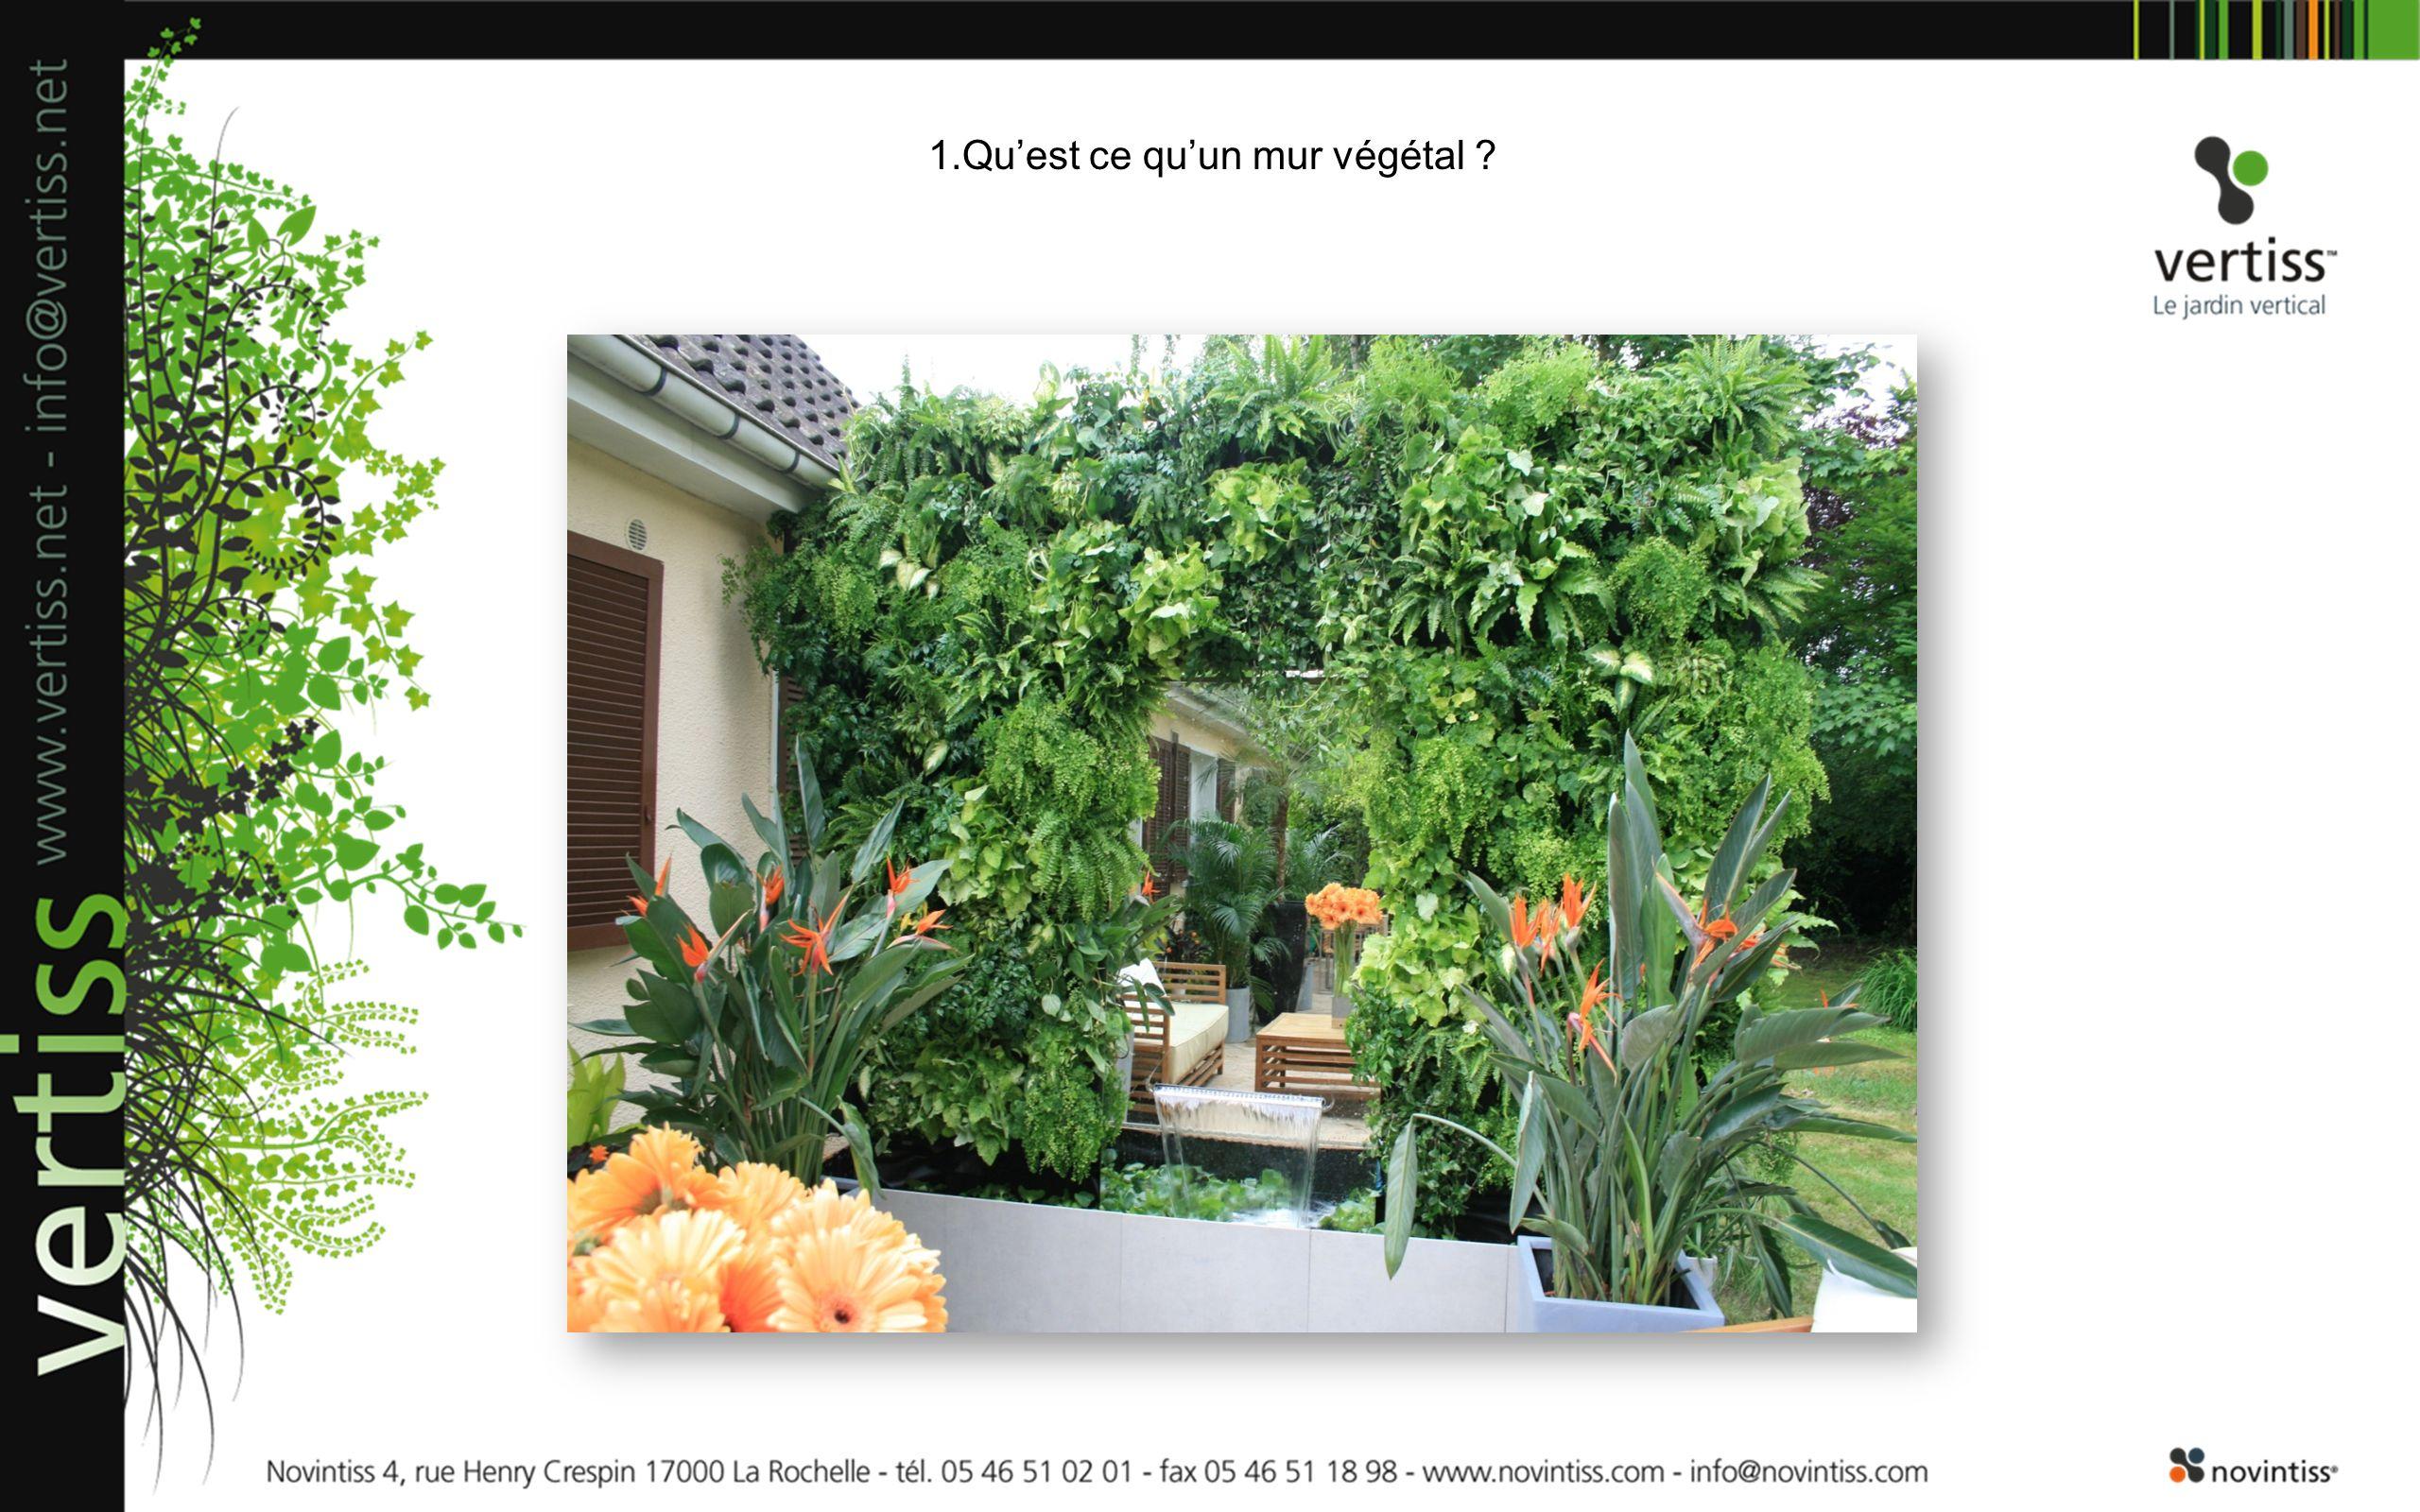 1.Quest ce quun mur végétal ?